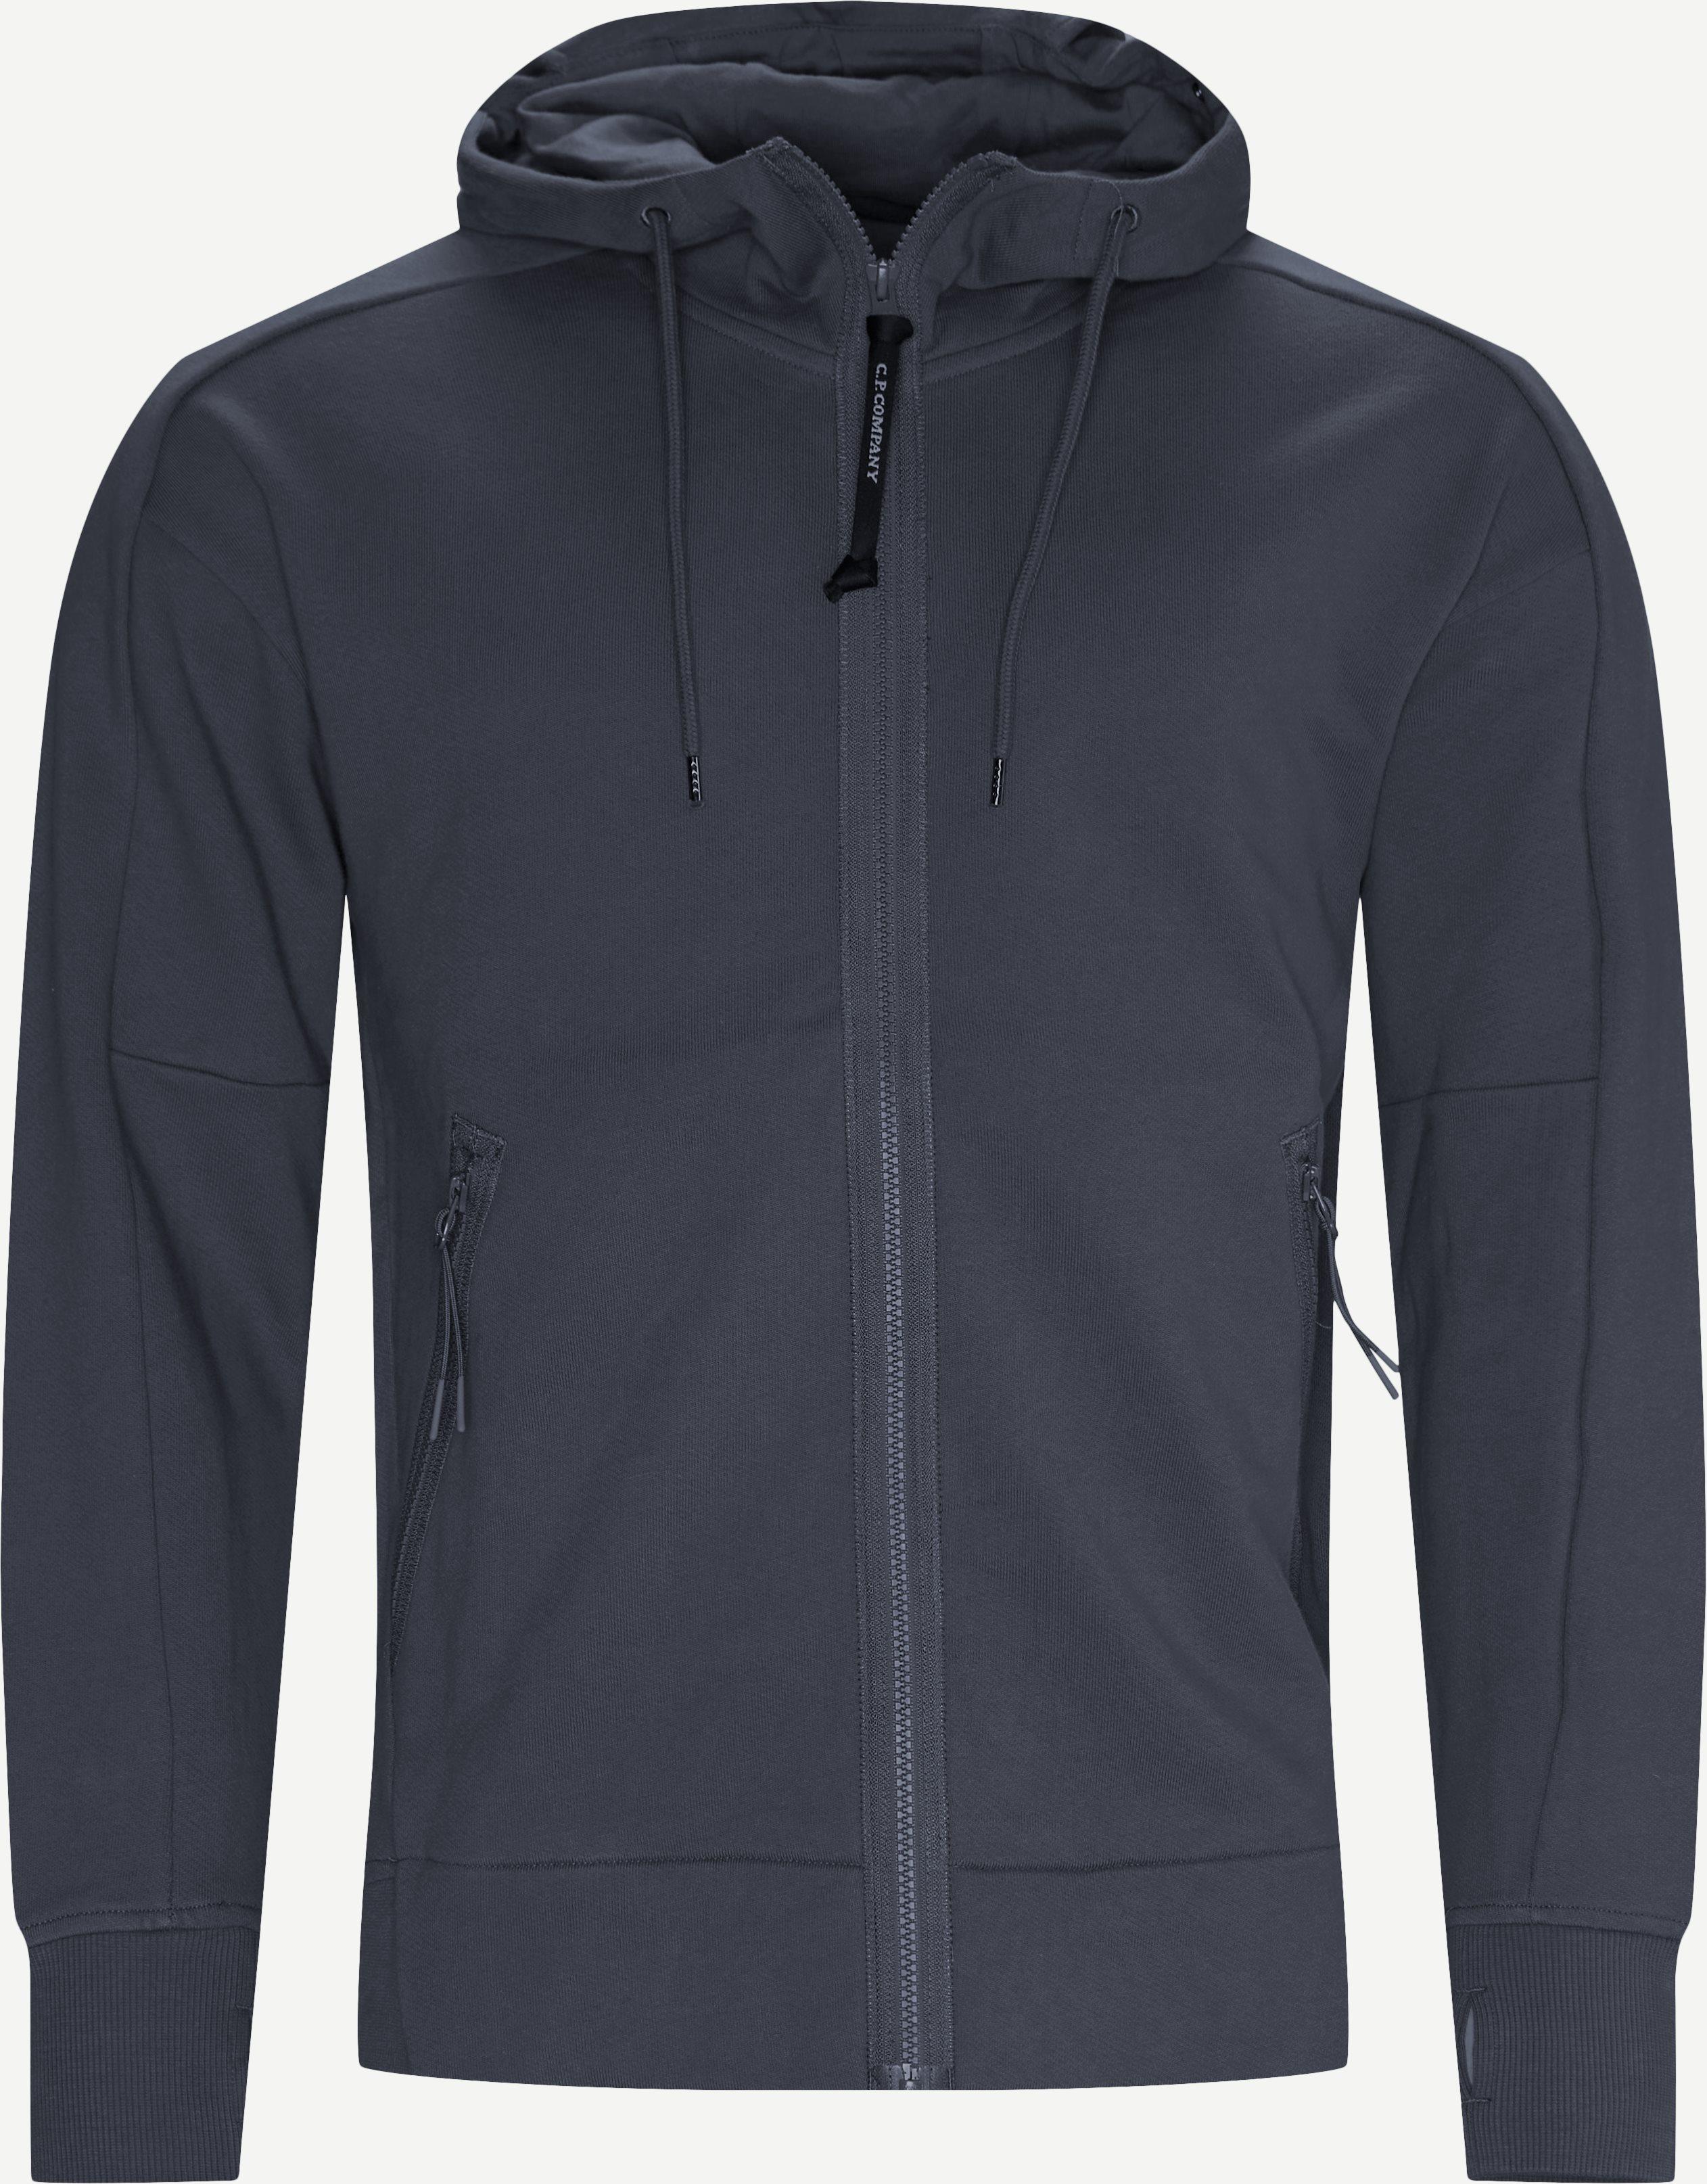 Hoodie  - Sweatshirts - Regular fit - Grå